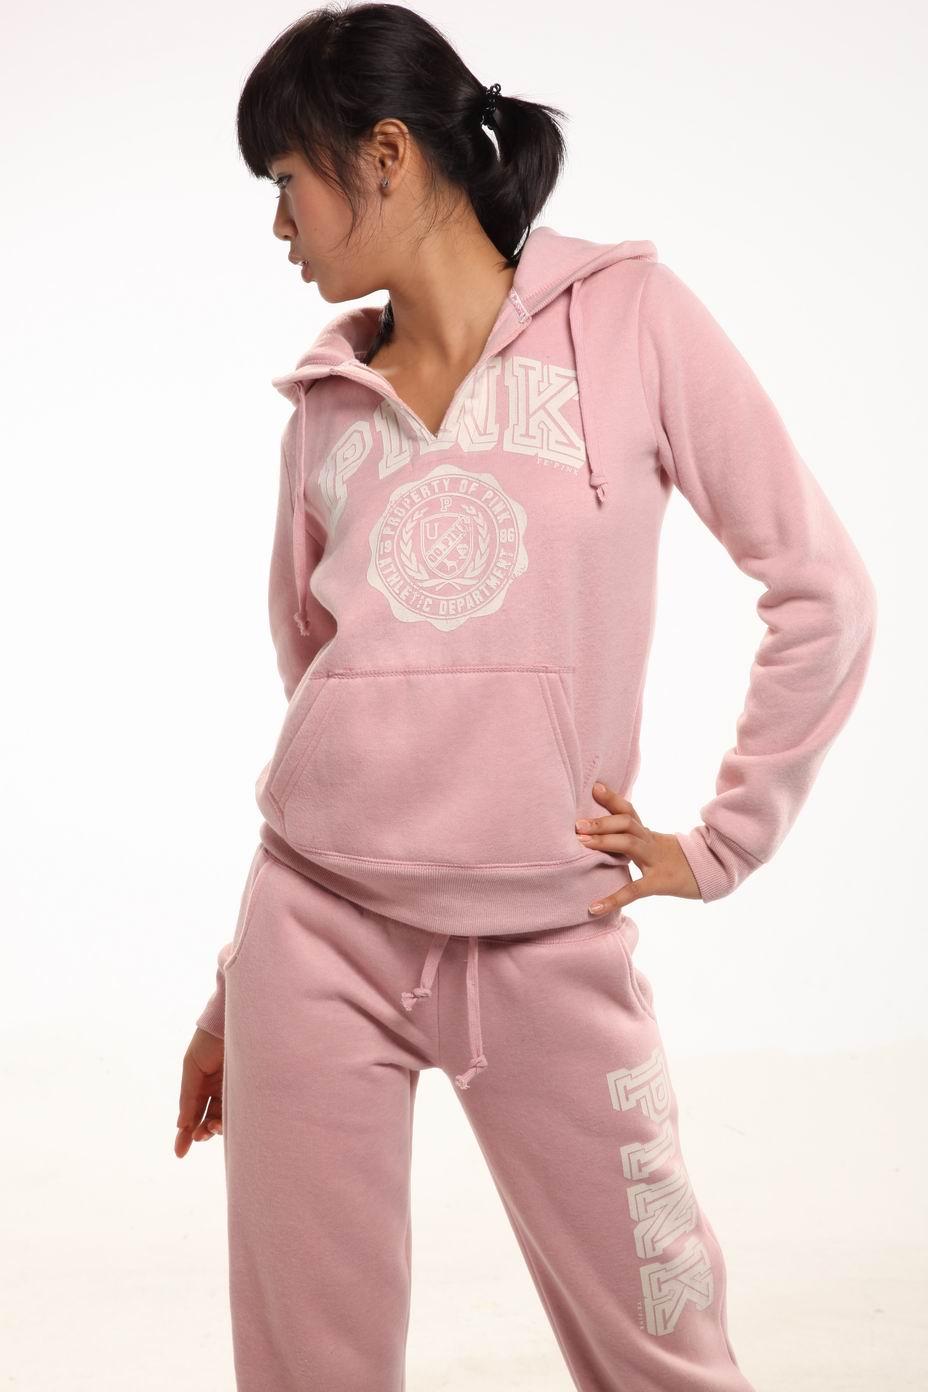 运动服 运动服装-女性服装品牌 女士品牌服装有哪些 女性服装